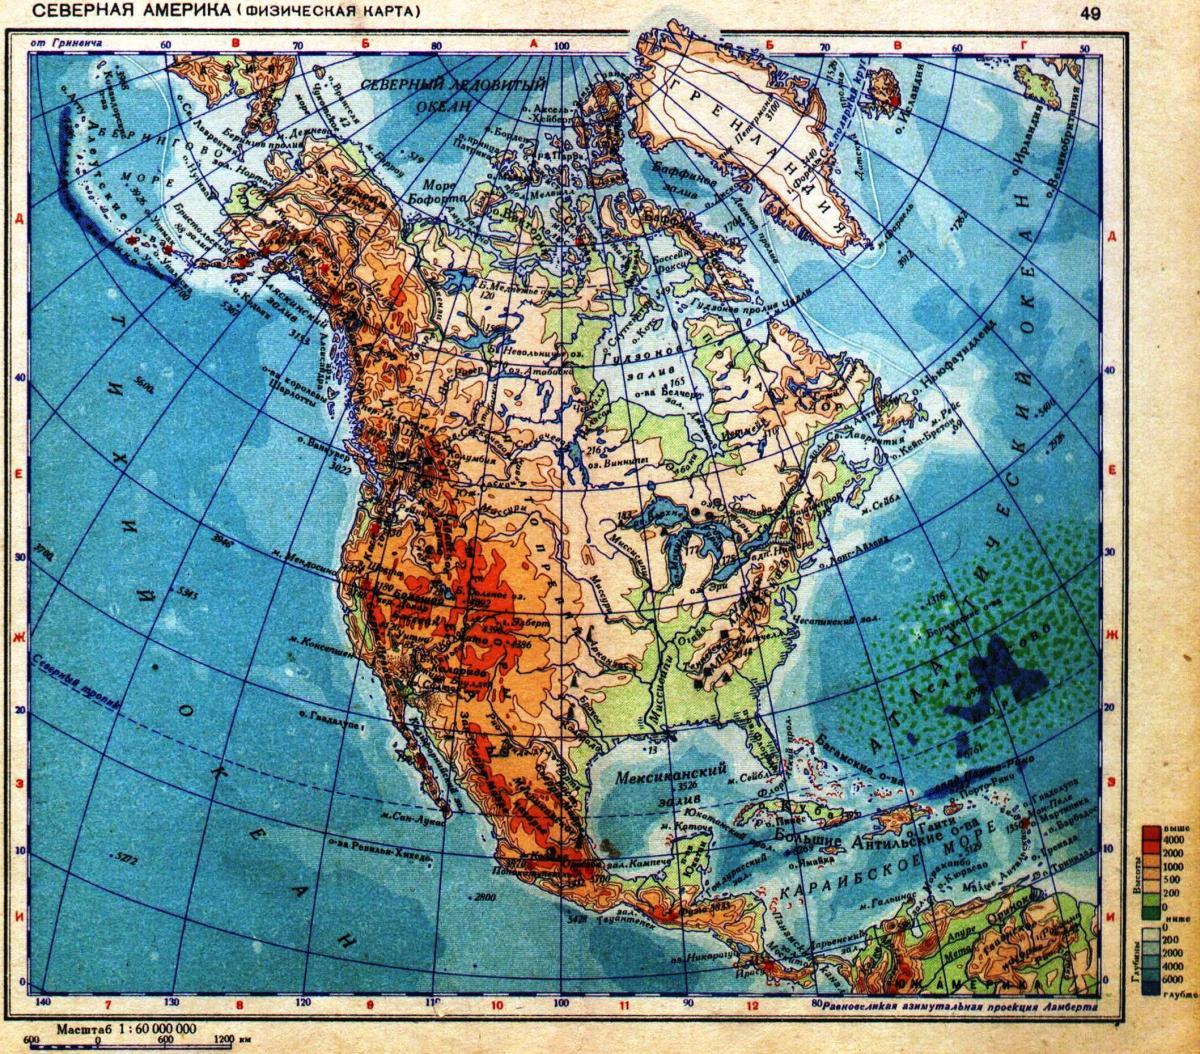 Место происхождения лошадей - Северная Америка